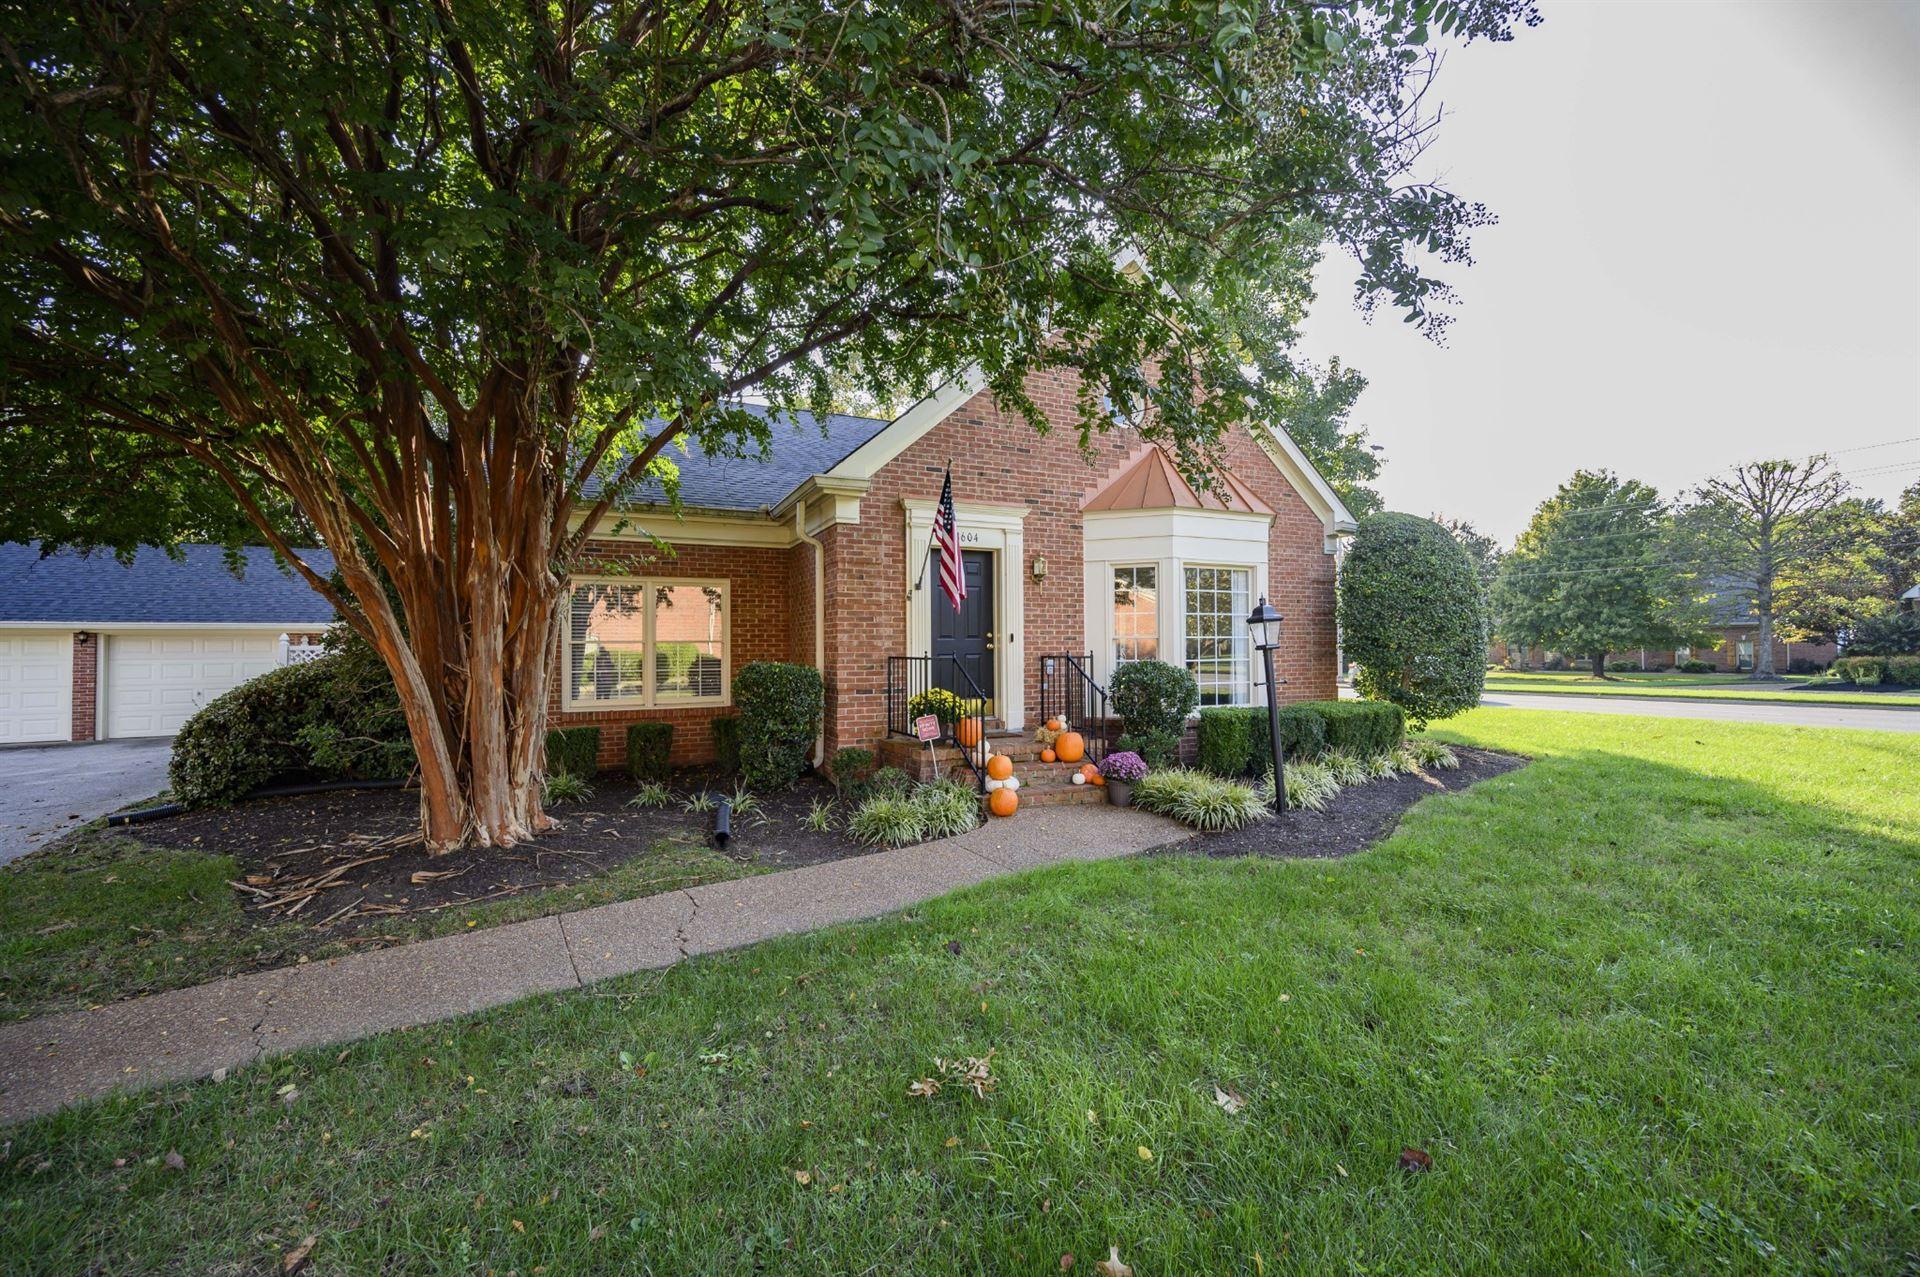 Photo of 1604 Belmont Court, Murfreesboro, TN 37129 (MLS # 2299643)